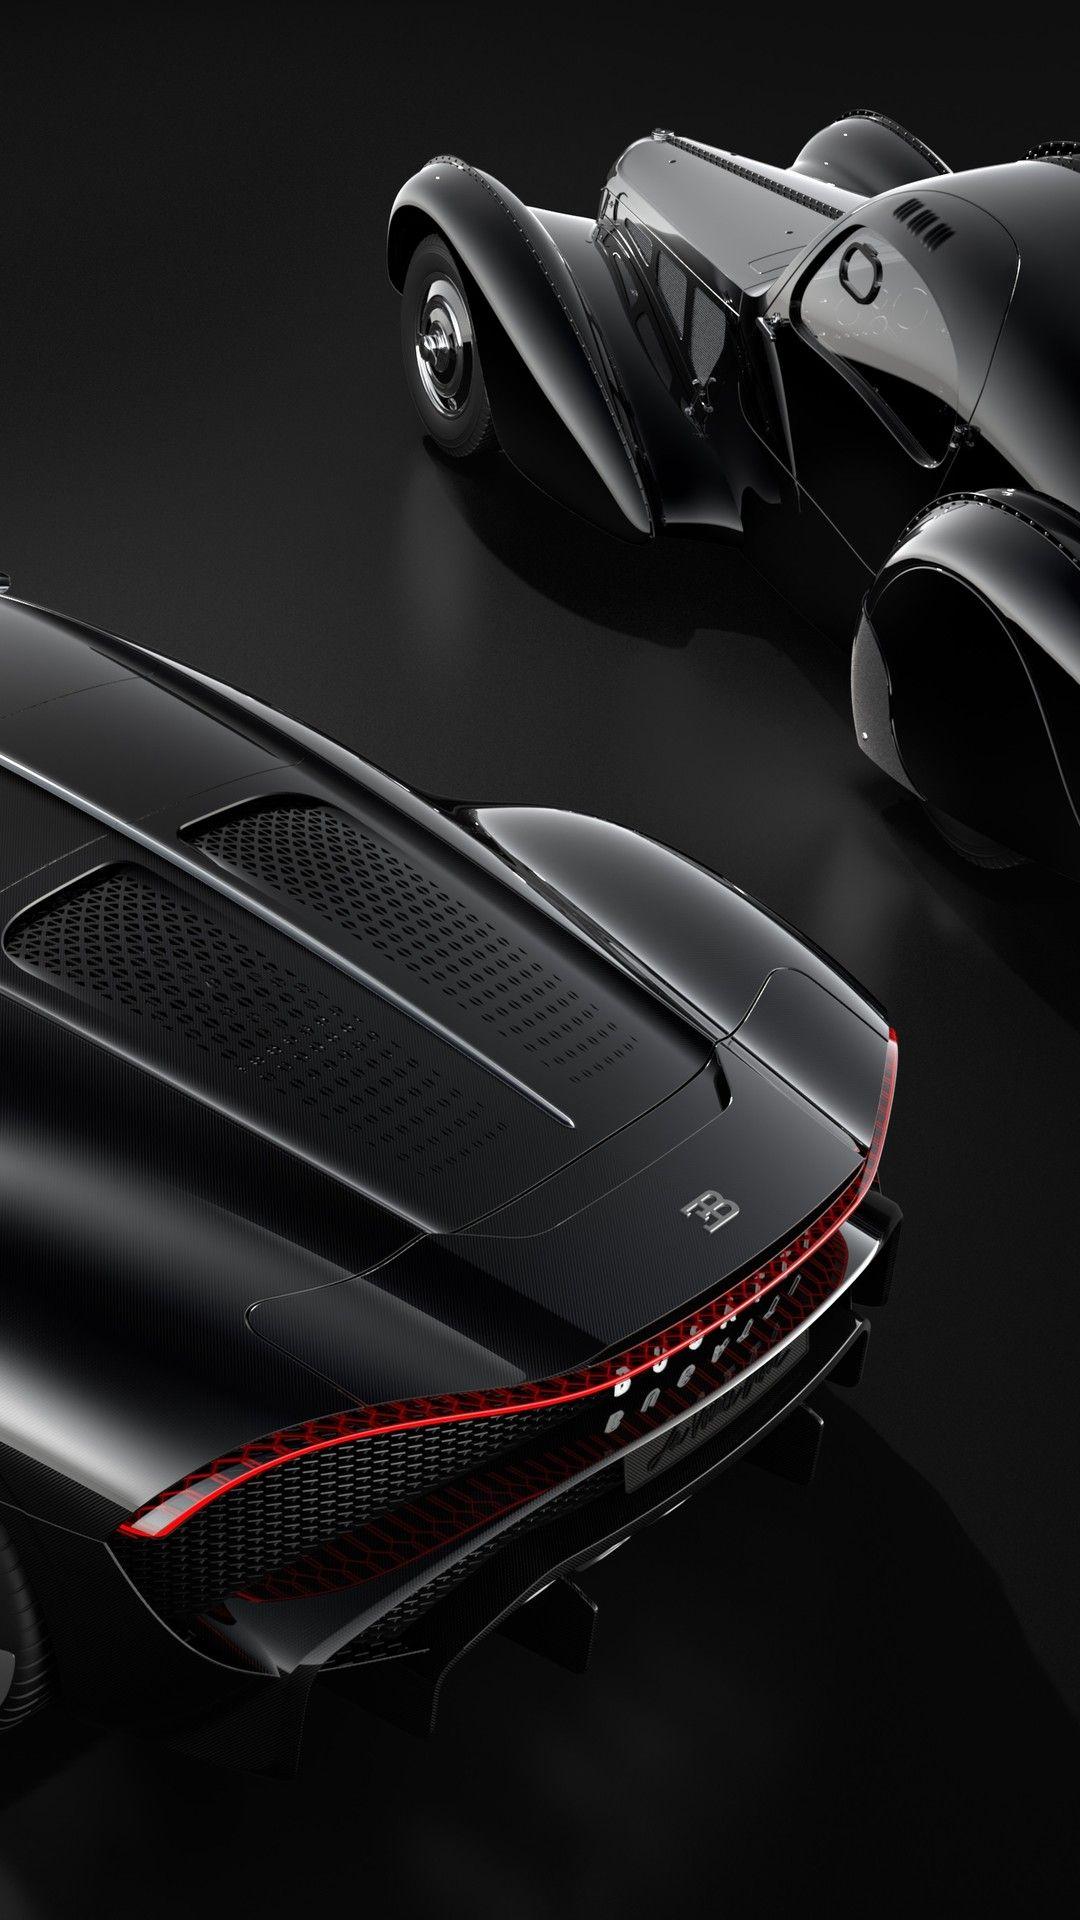 Bugatti La Voiture Noire 2019 La Voiture Noire Bugatti Bugatti La Voiture Noire